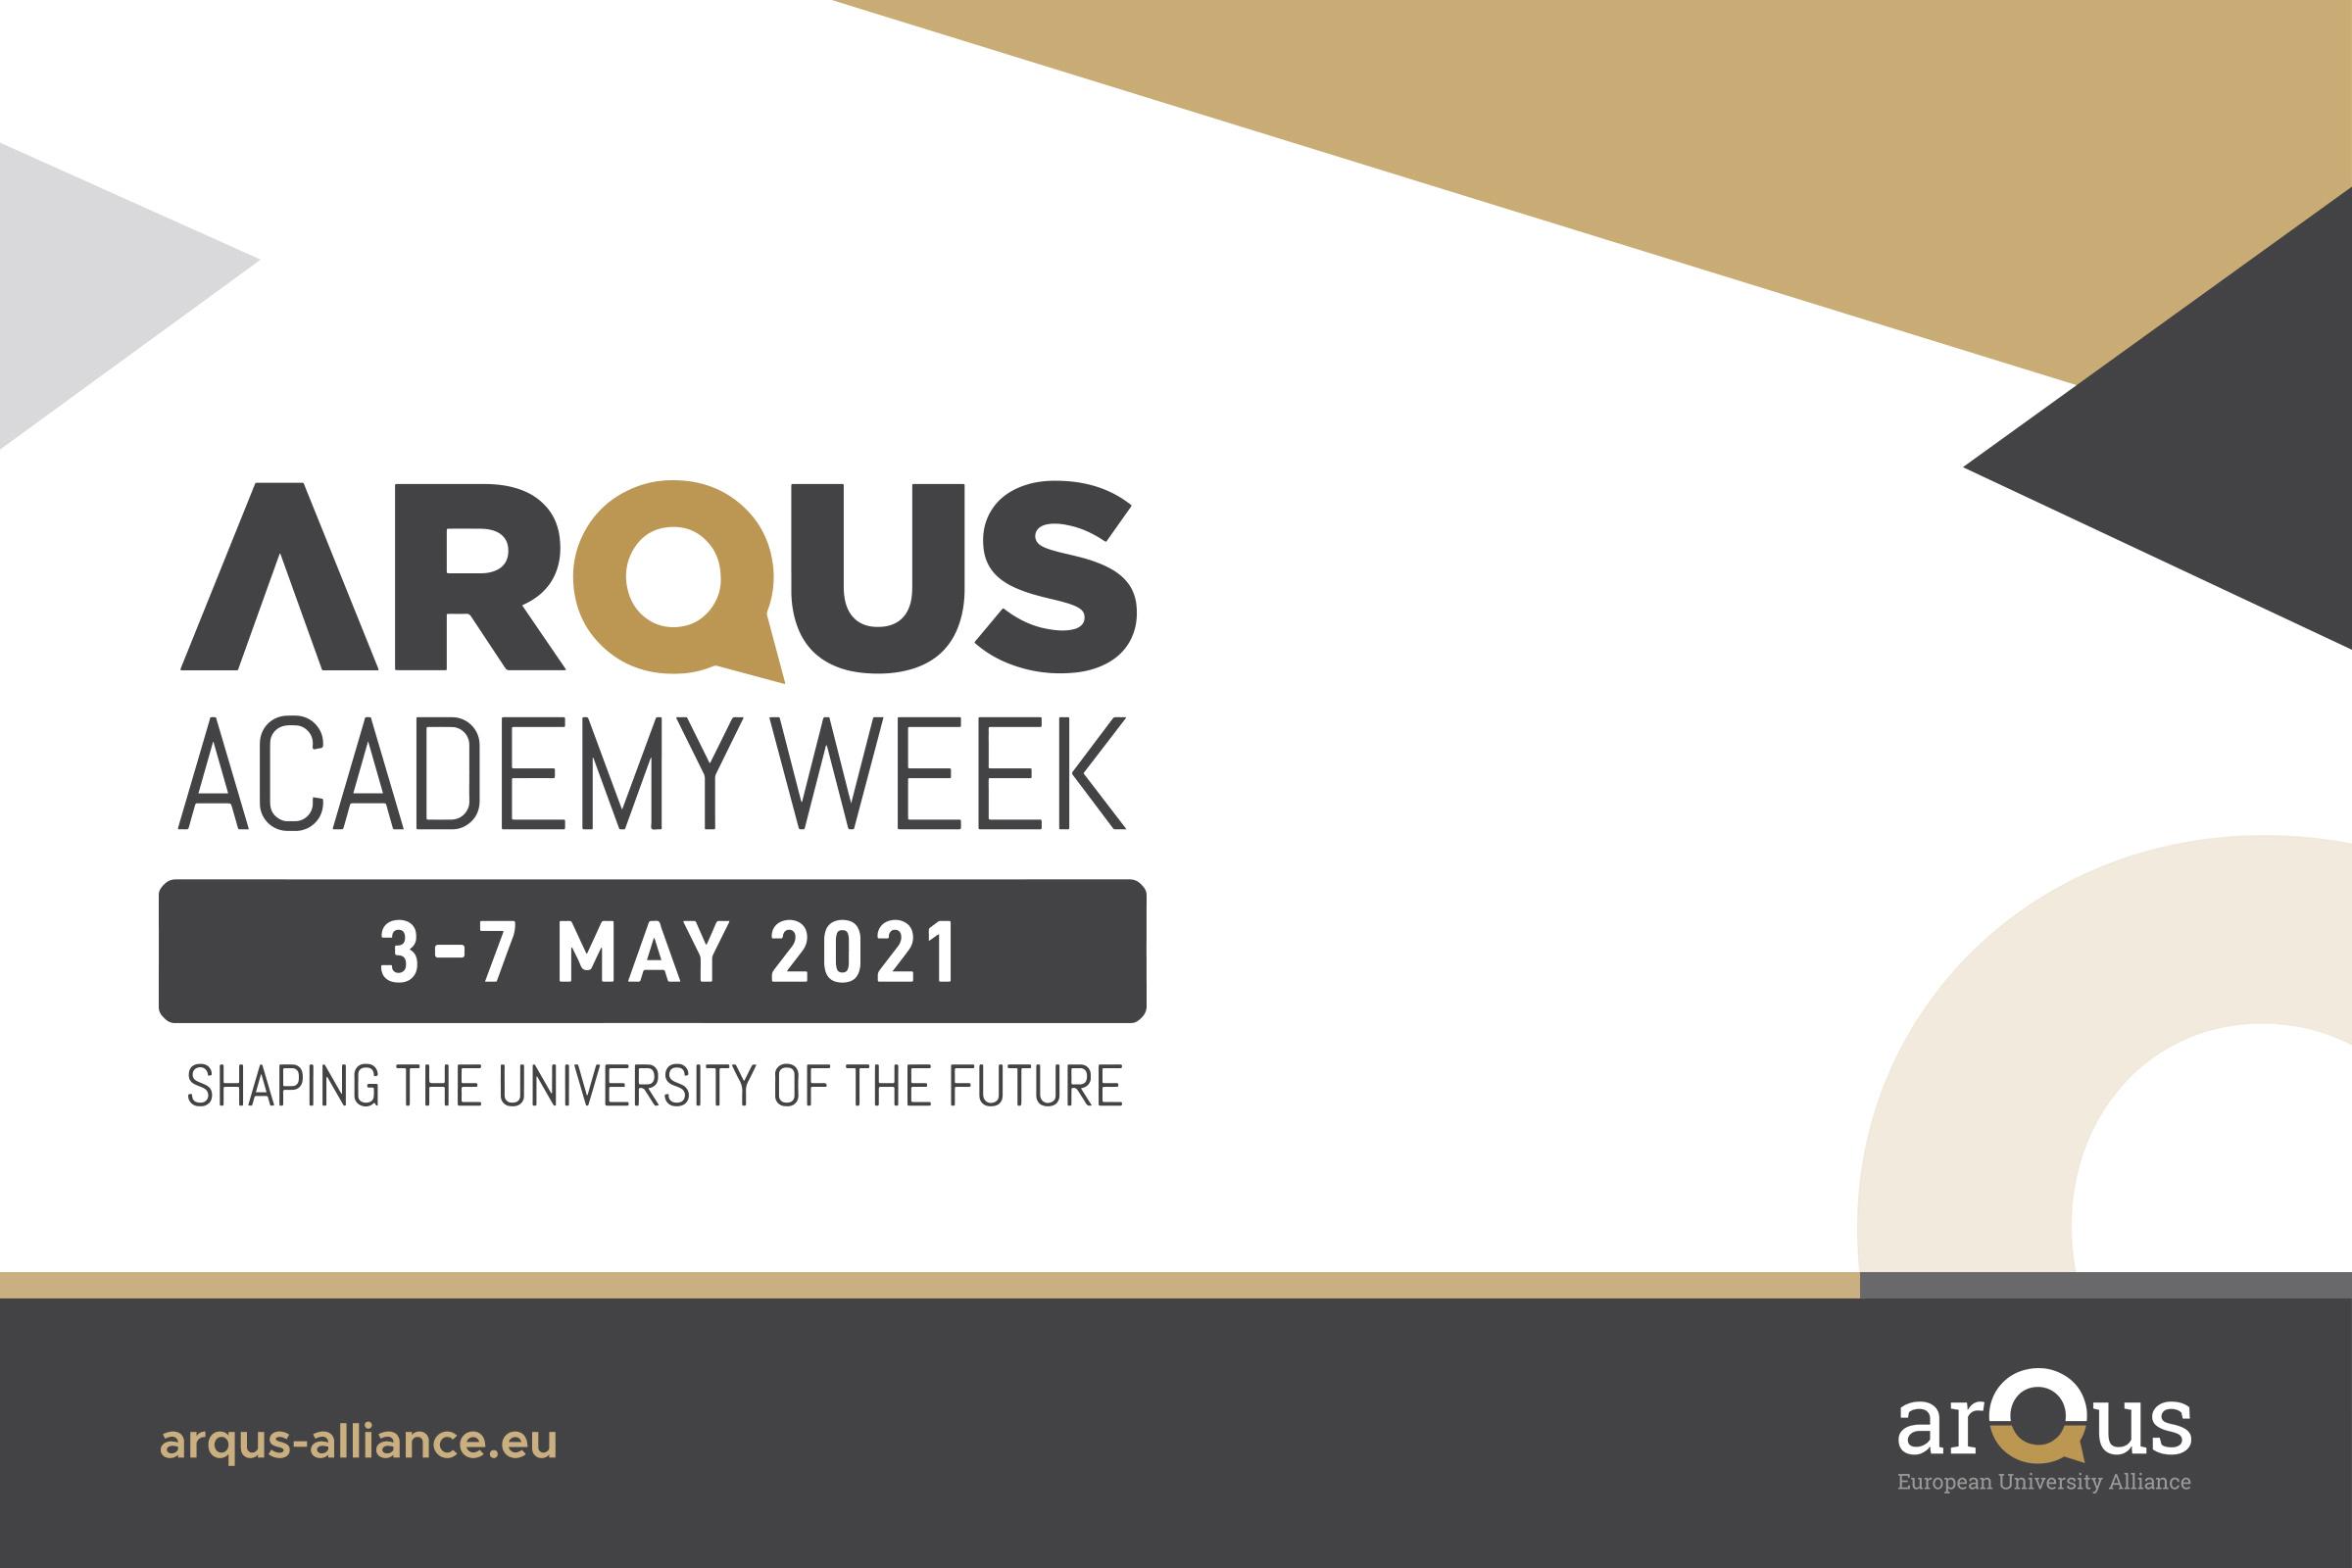 La UGR celebra la primera Arqus Academy Week, una semana de actividades sobre las universidades del futuro